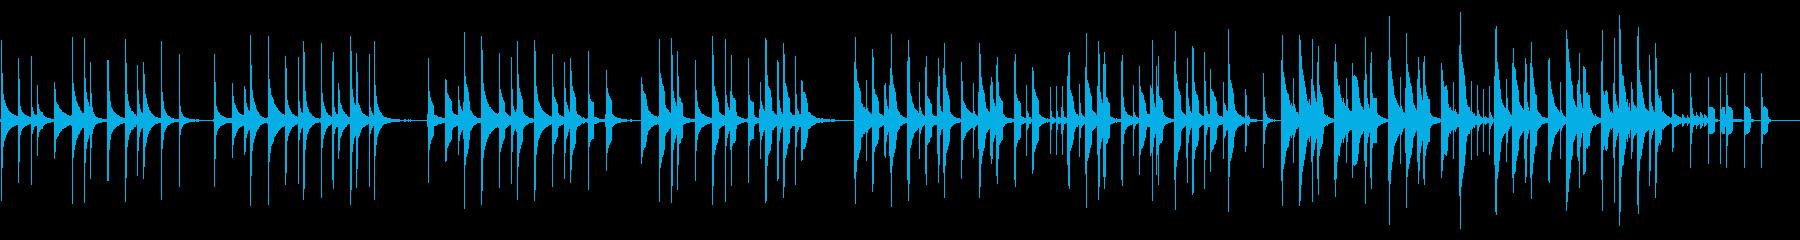 KANTほのぼのBGM2008291の再生済みの波形